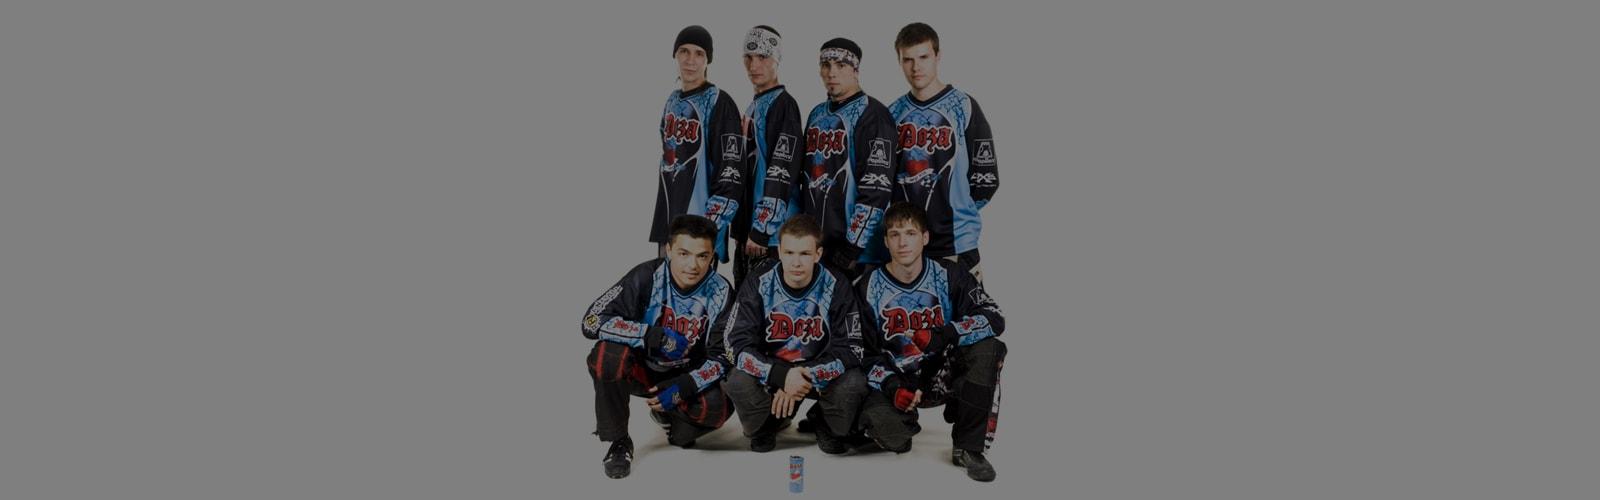 Новая форма команды «Форпост»